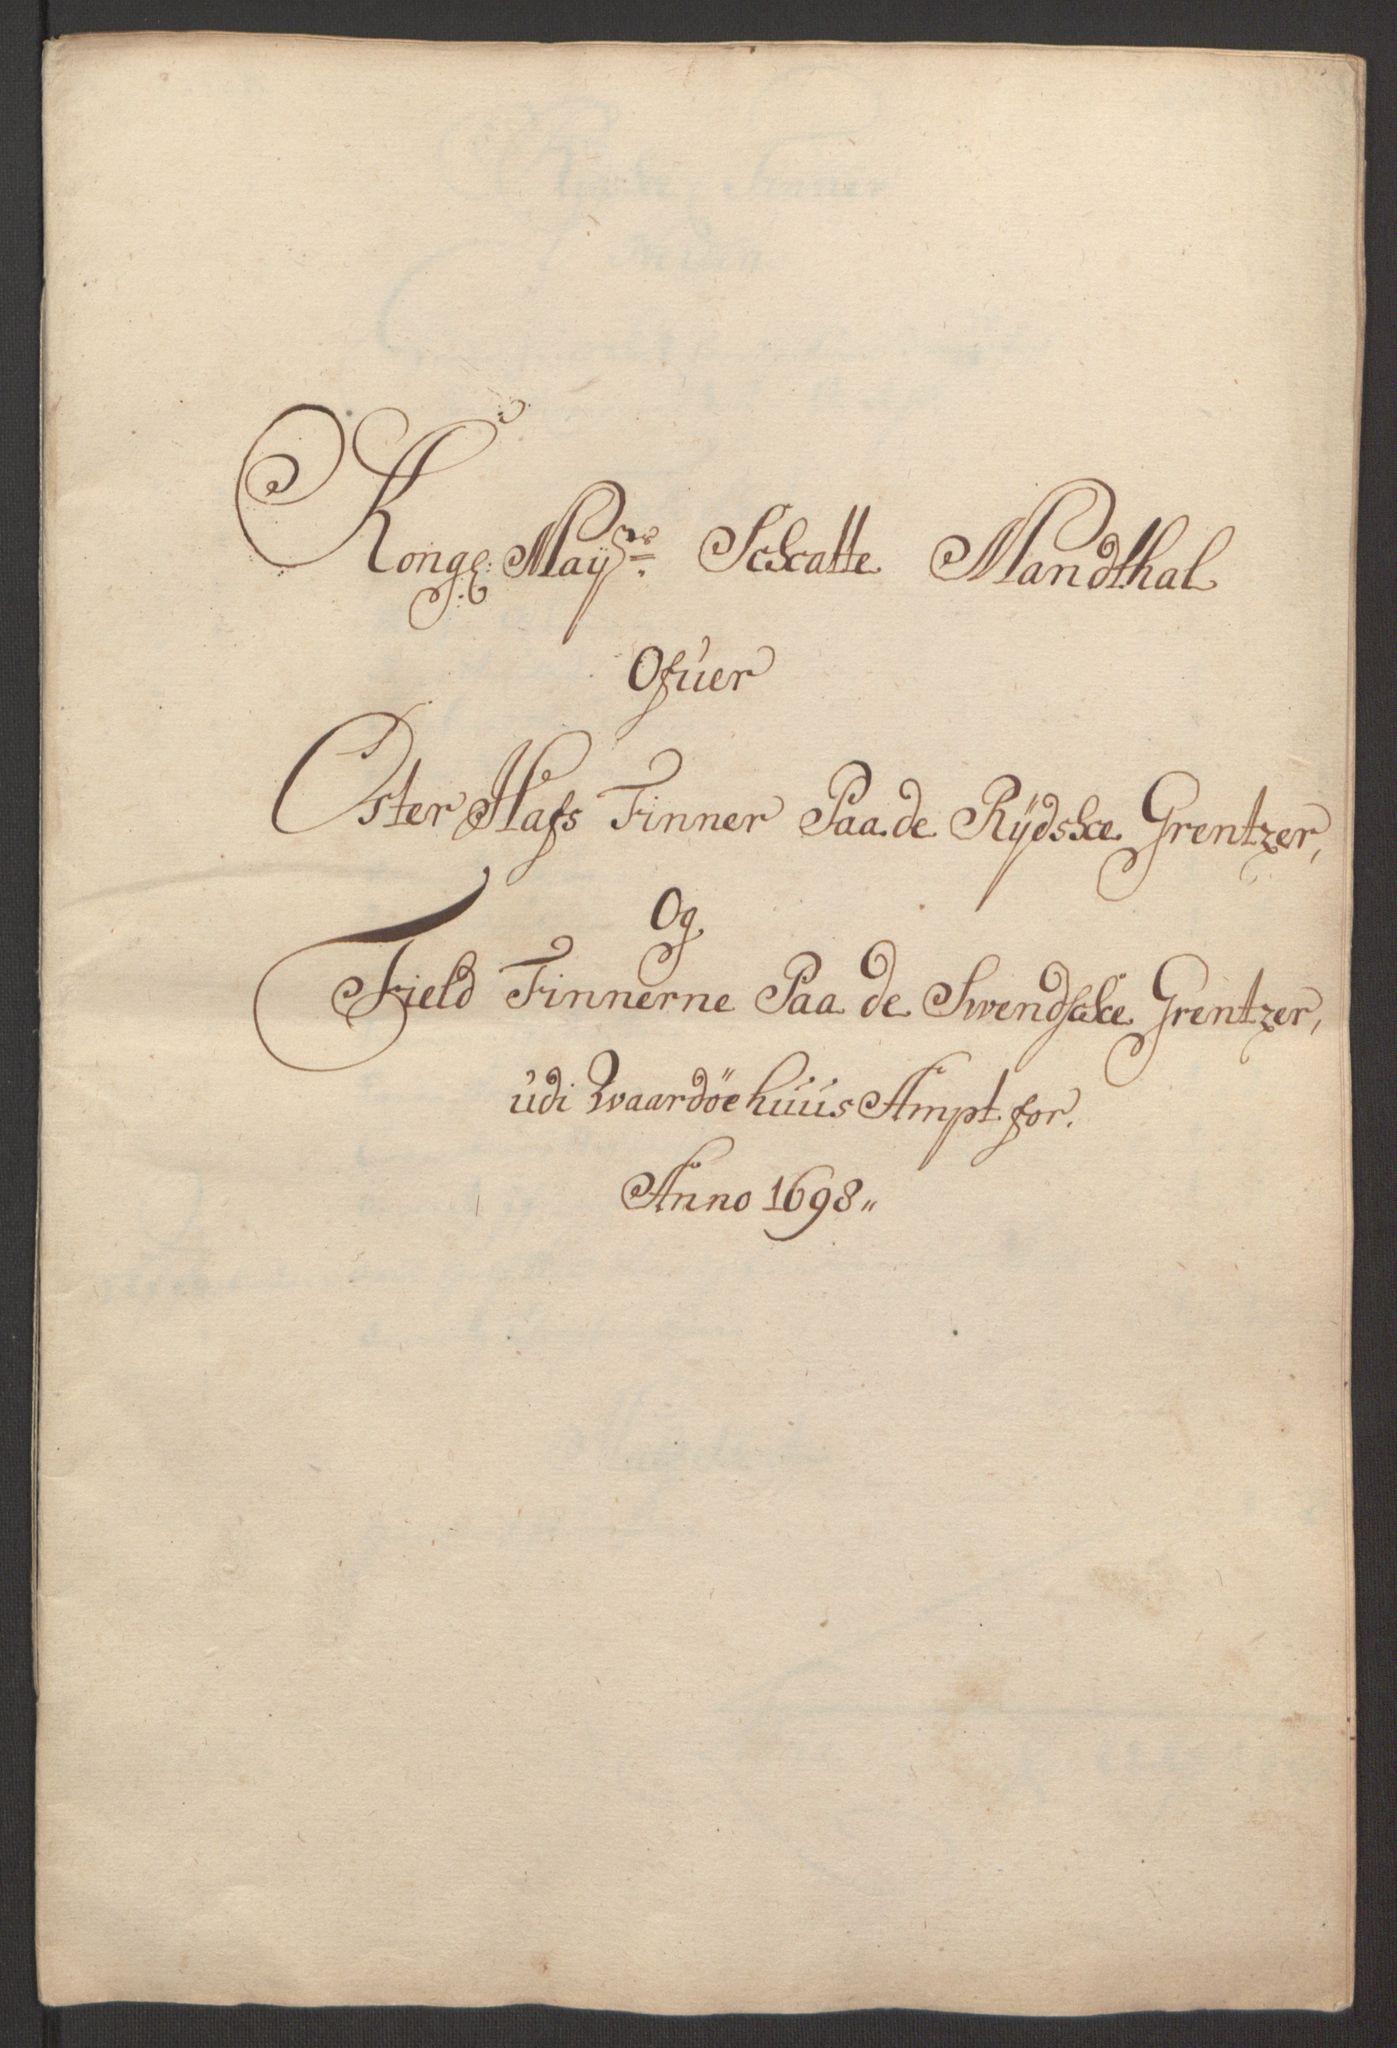 RA, Rentekammeret inntil 1814, Reviderte regnskaper, Fogderegnskap, R69/L4851: Fogderegnskap Finnmark/Vardøhus, 1691-1700, s. 349